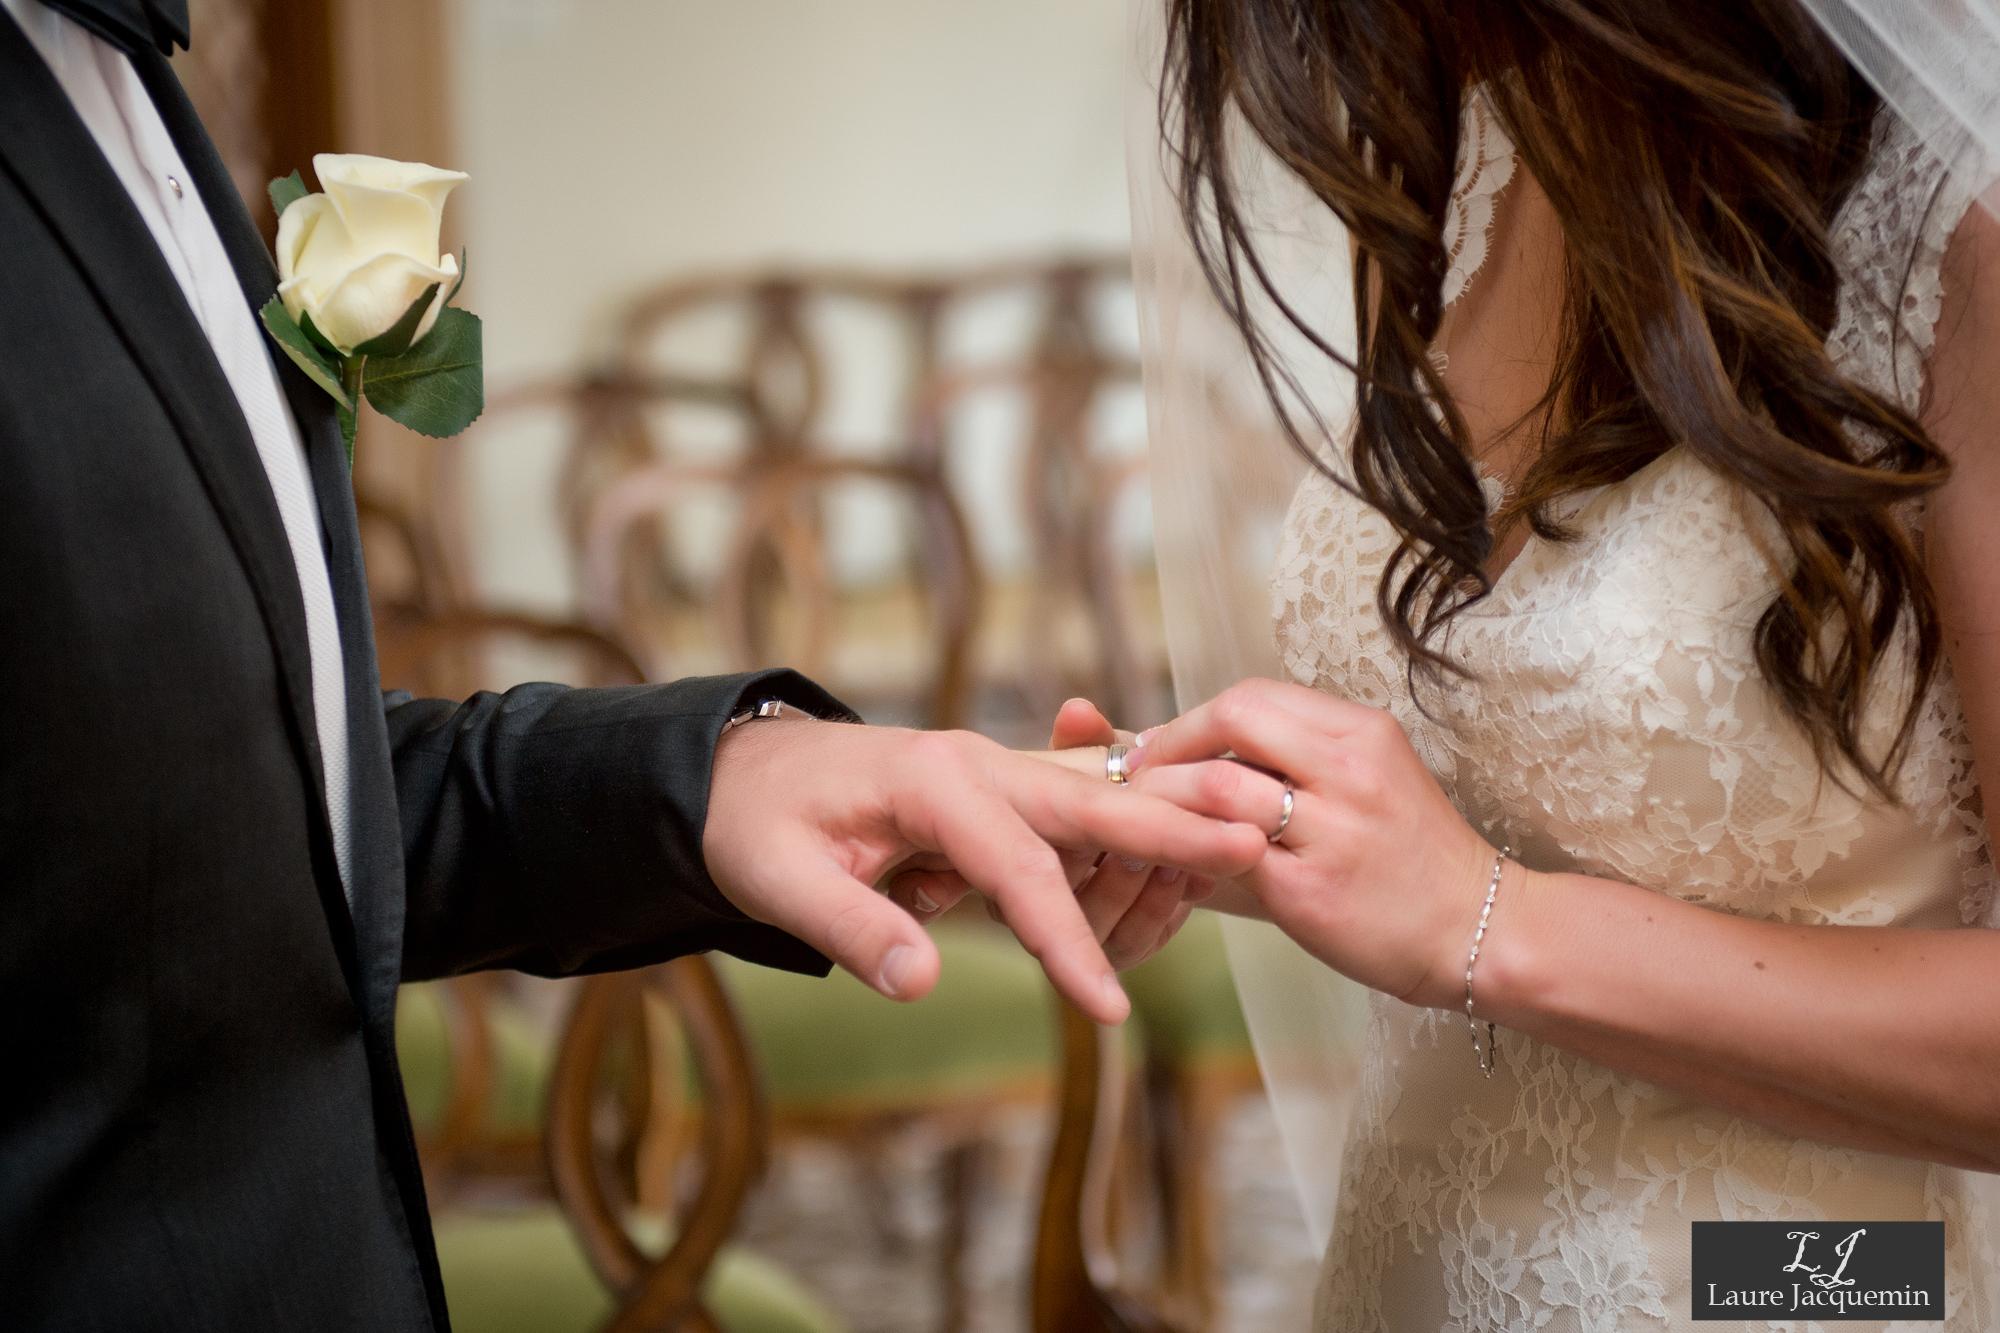 photographe mariage laure jacquemin palazzo cavalli service photographique (27)